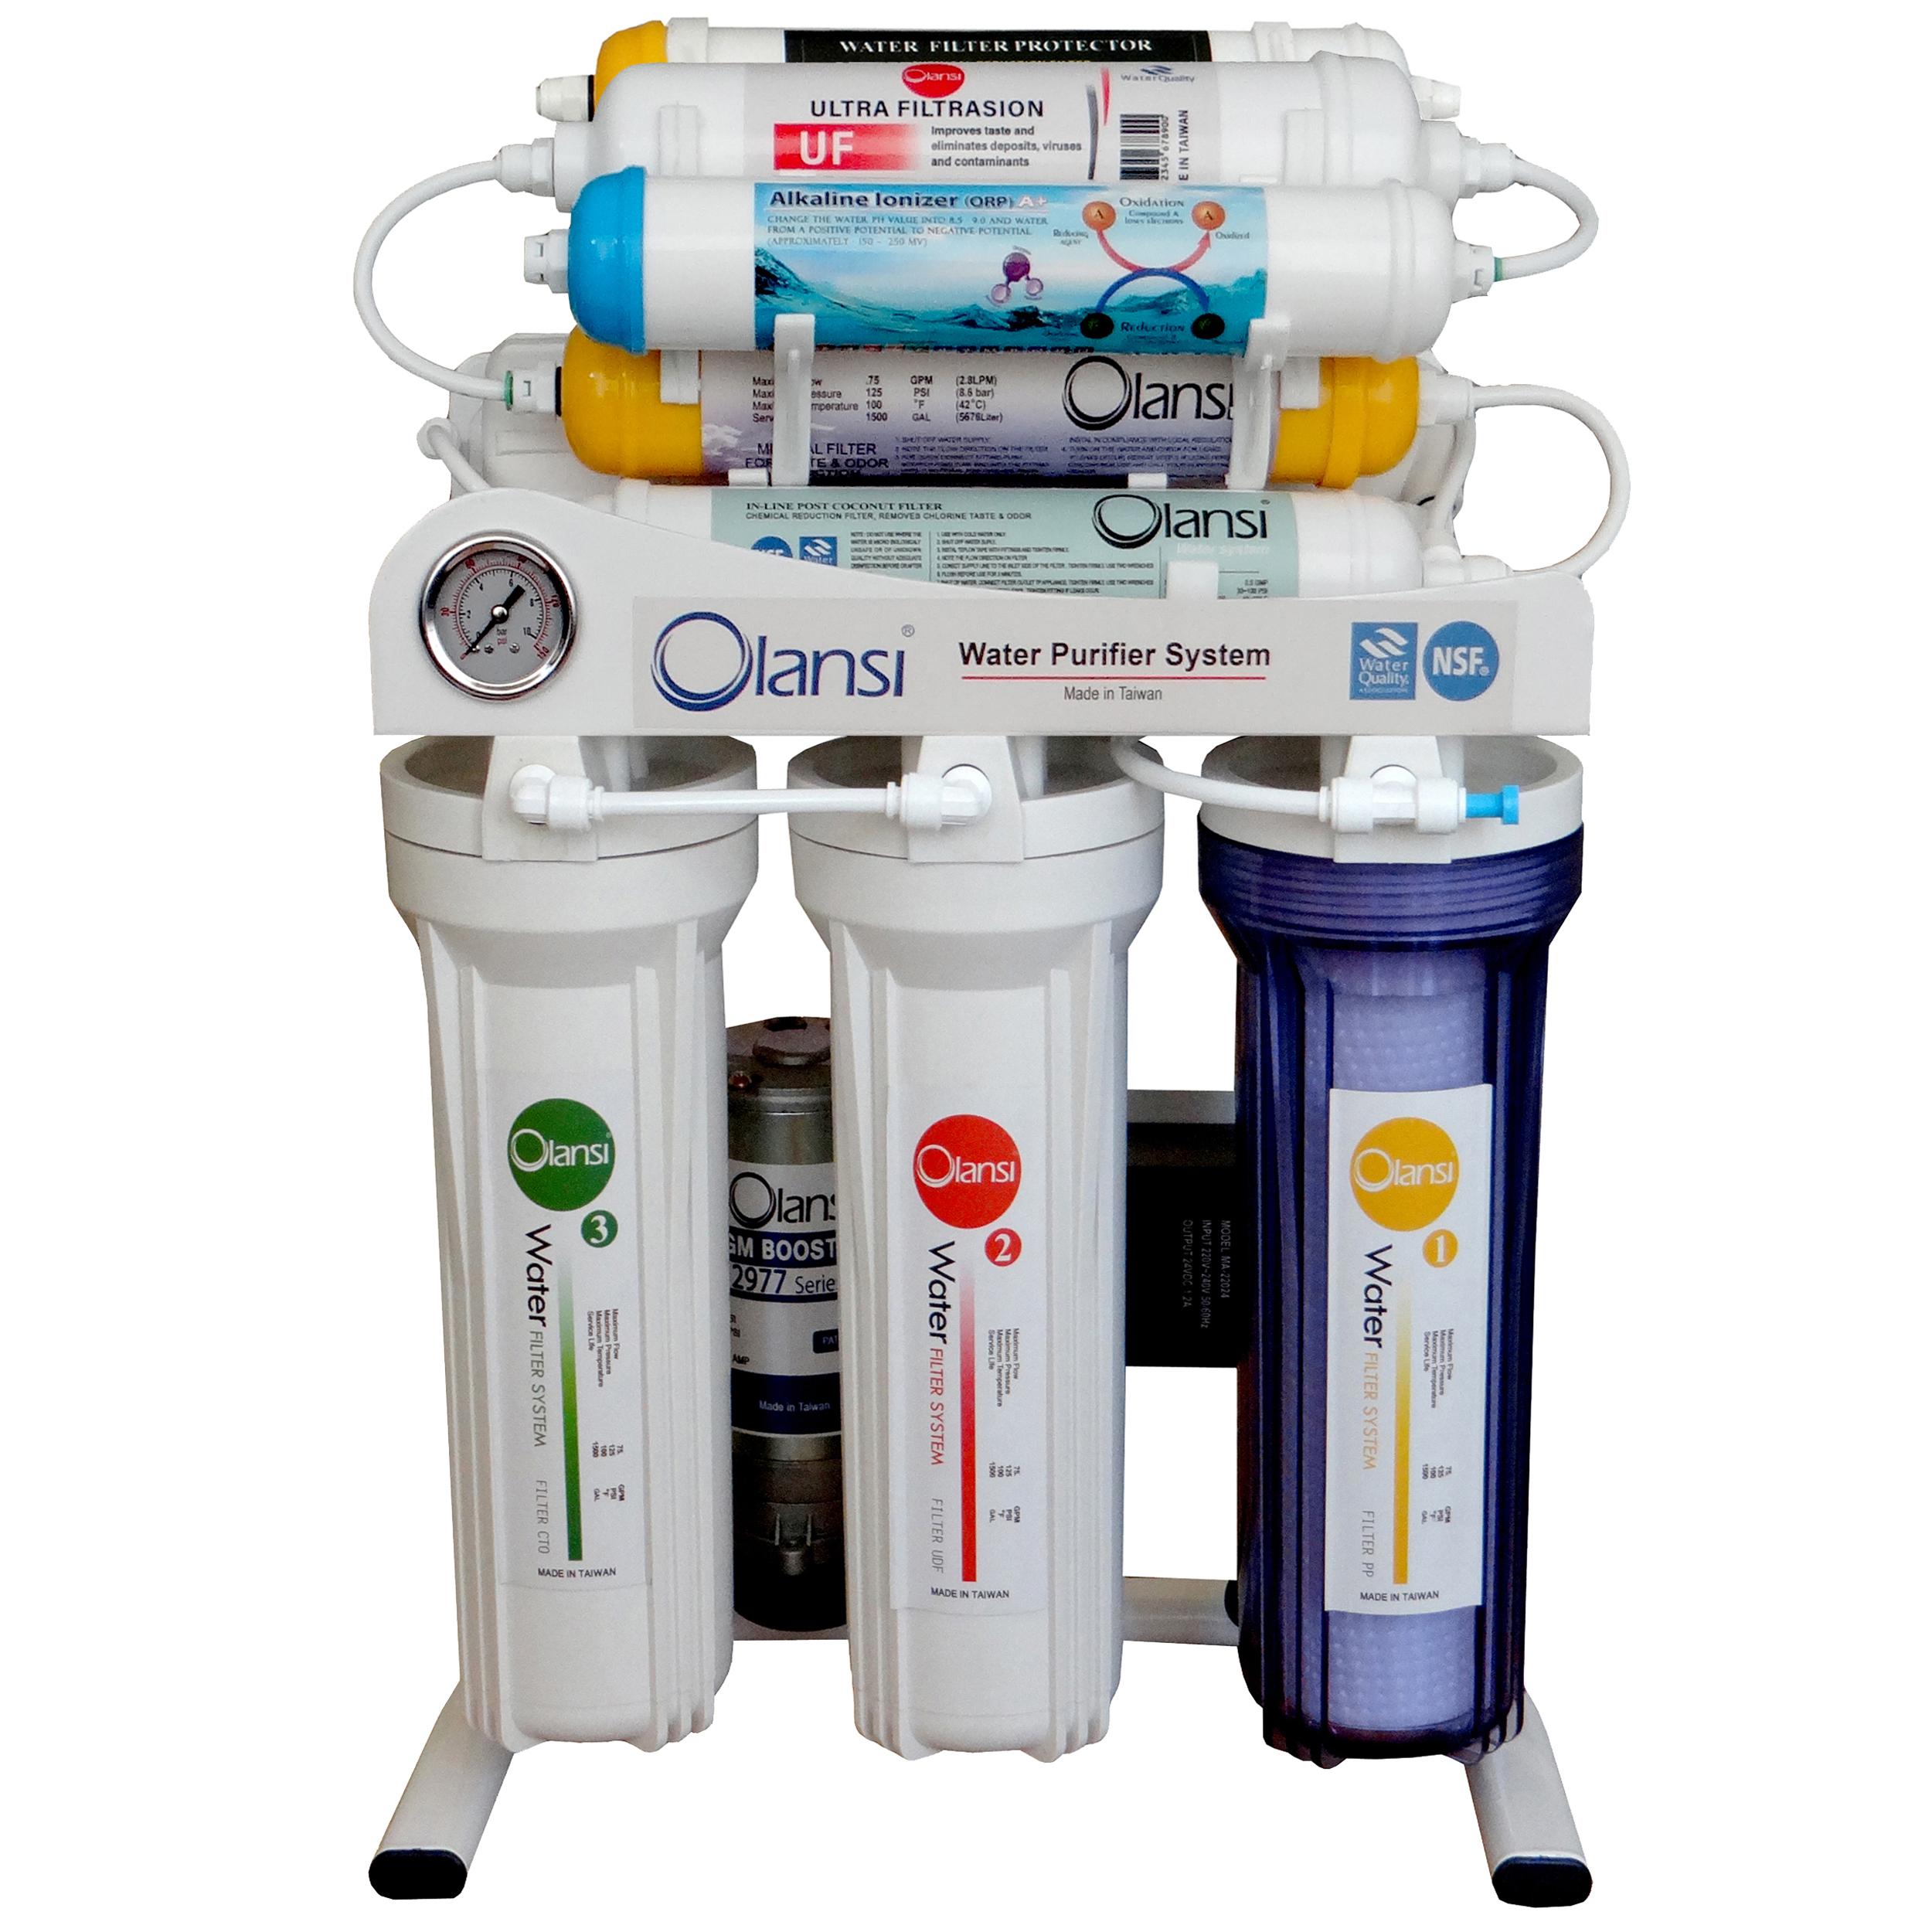 دستگاه  تصفیه کننده آب  اولانسی مدل REVERSE OSMOSIS AT7600